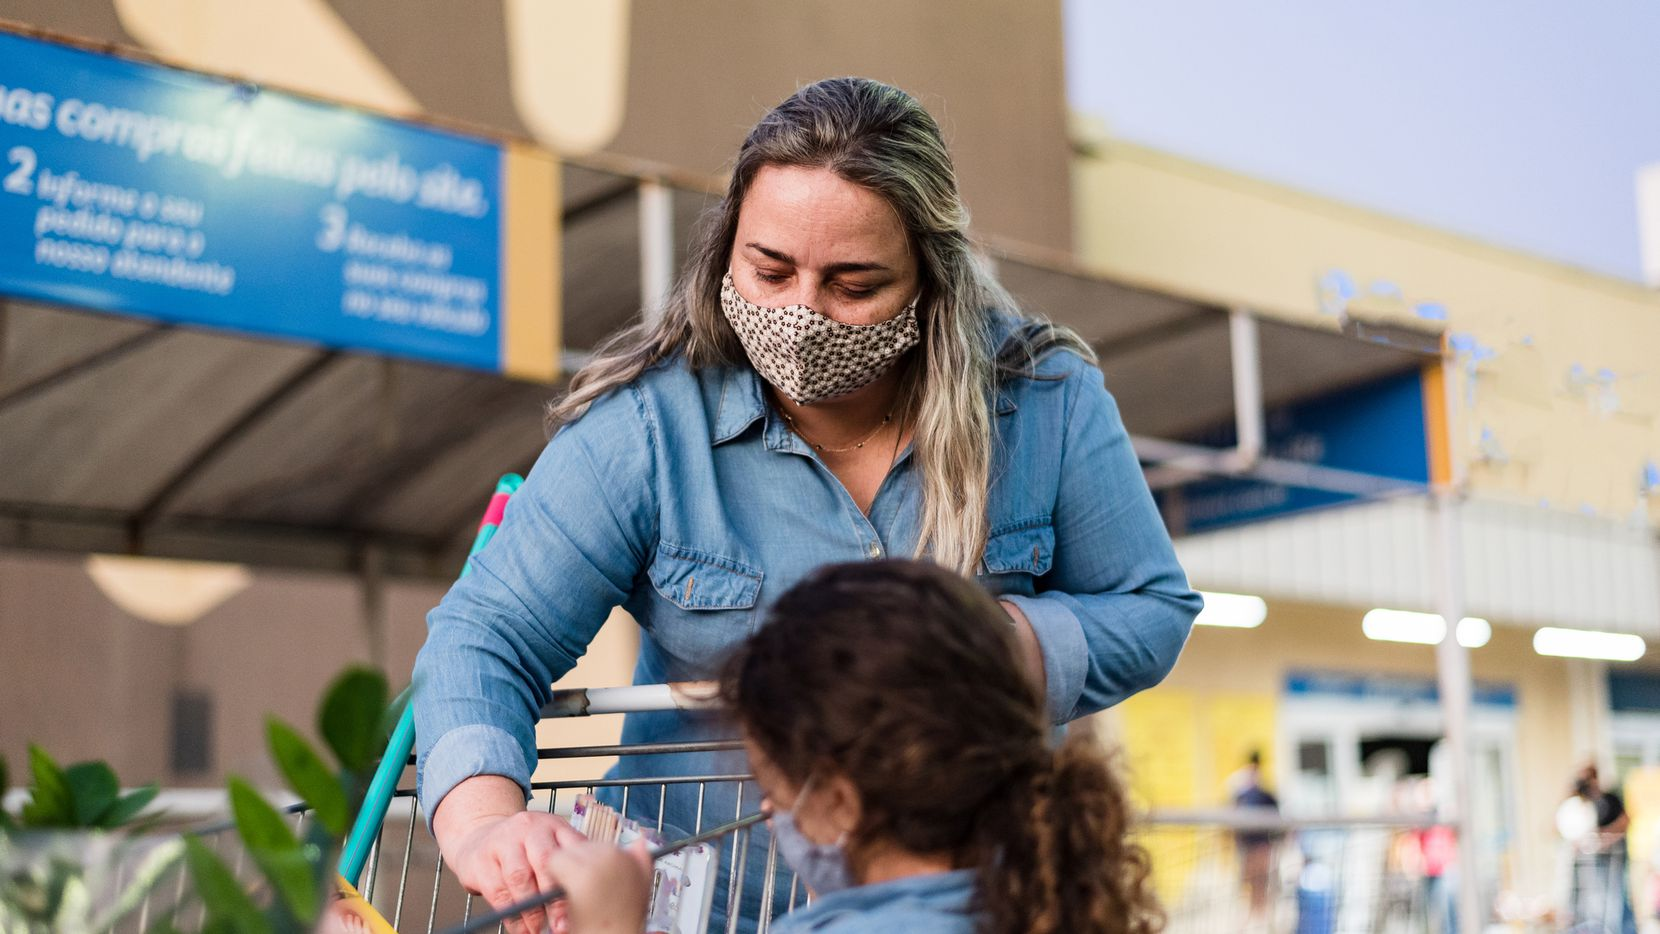 Las familias con niños en edad escolar podrán recibir hasta $1,200 para comprar alimentos.